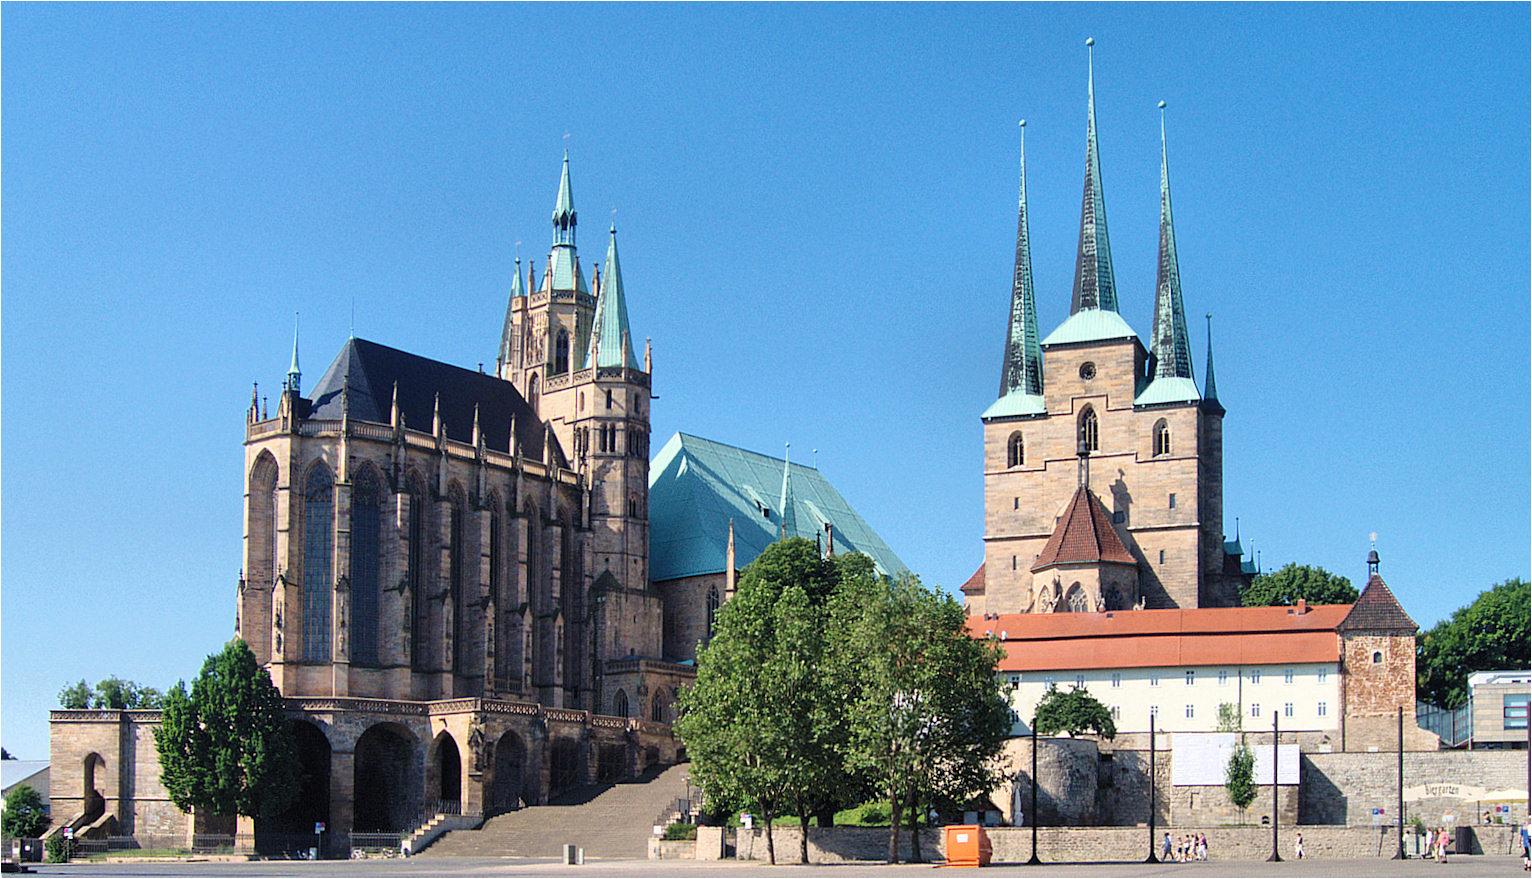 pour faire la connaisance de ma ville: Erfurt